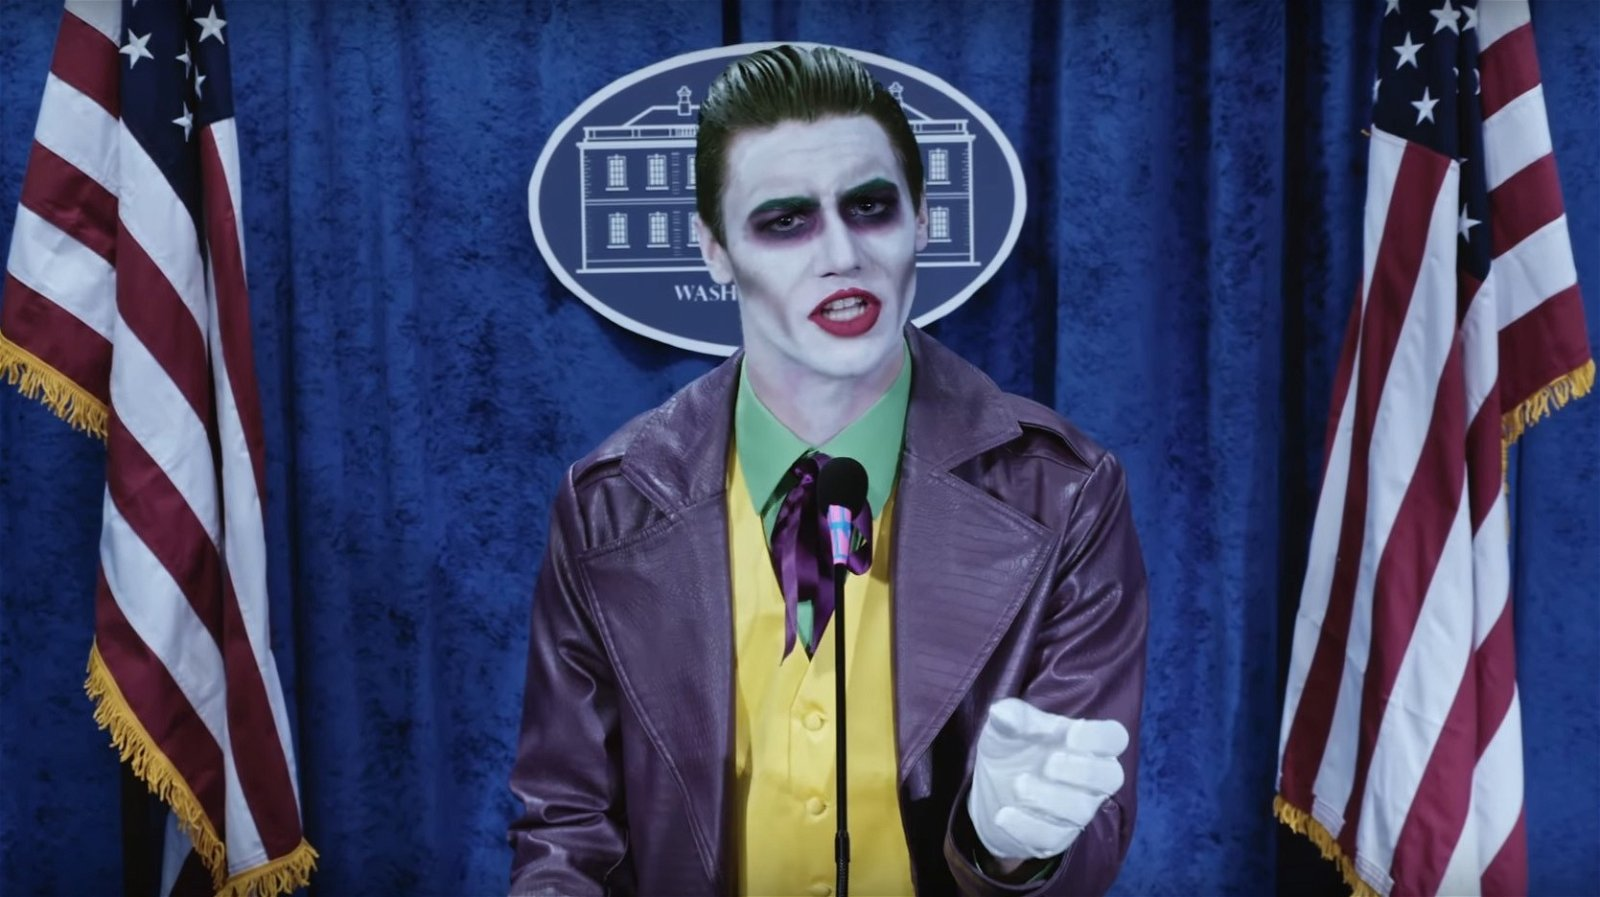 Los villanos clásicos se presentan a la presidencia de los Estados Unidos